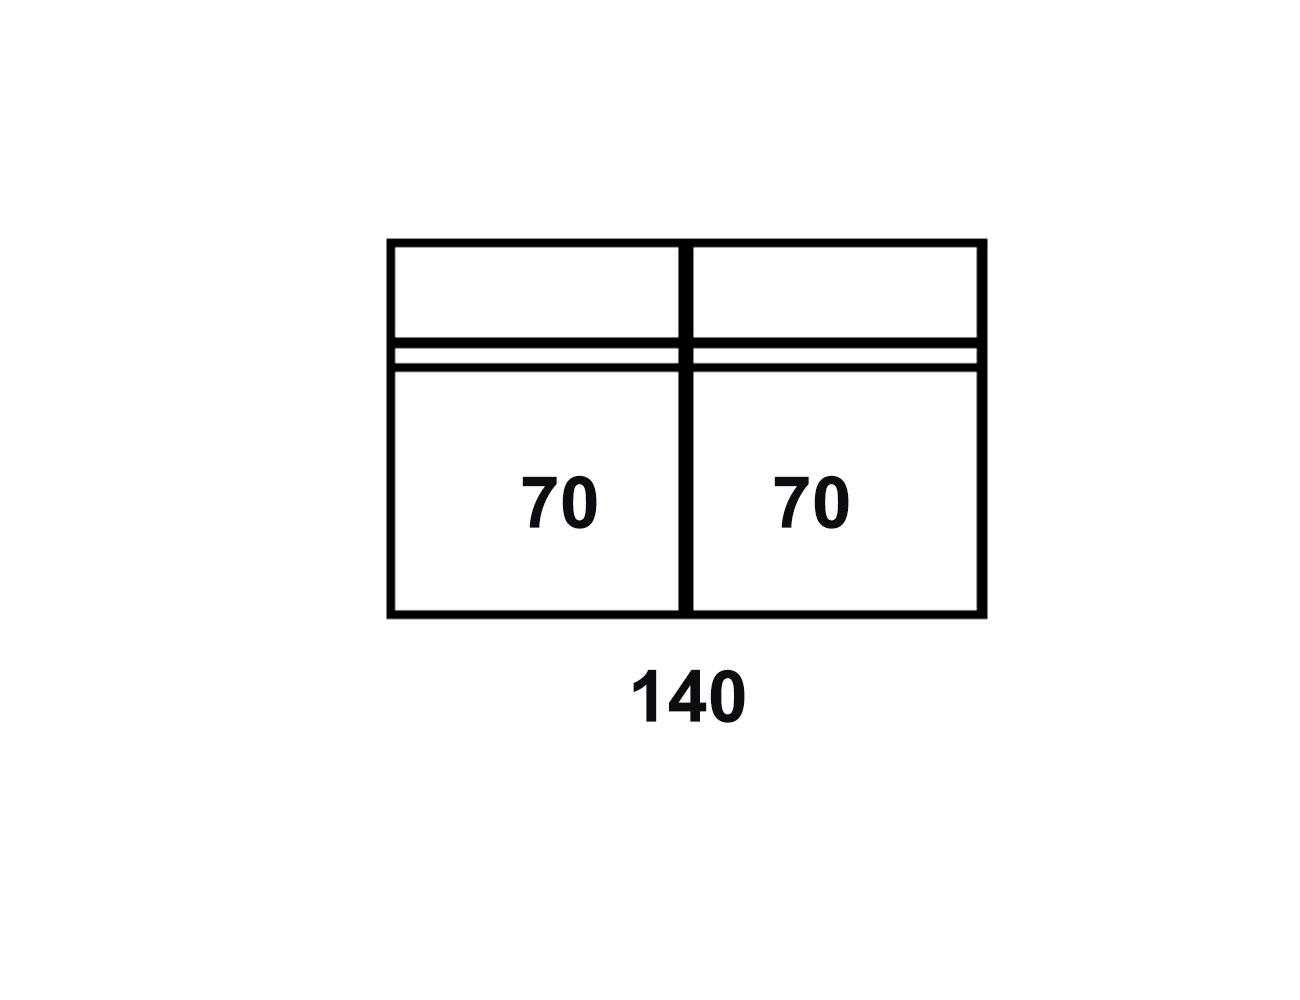 Modulo 2p 1401